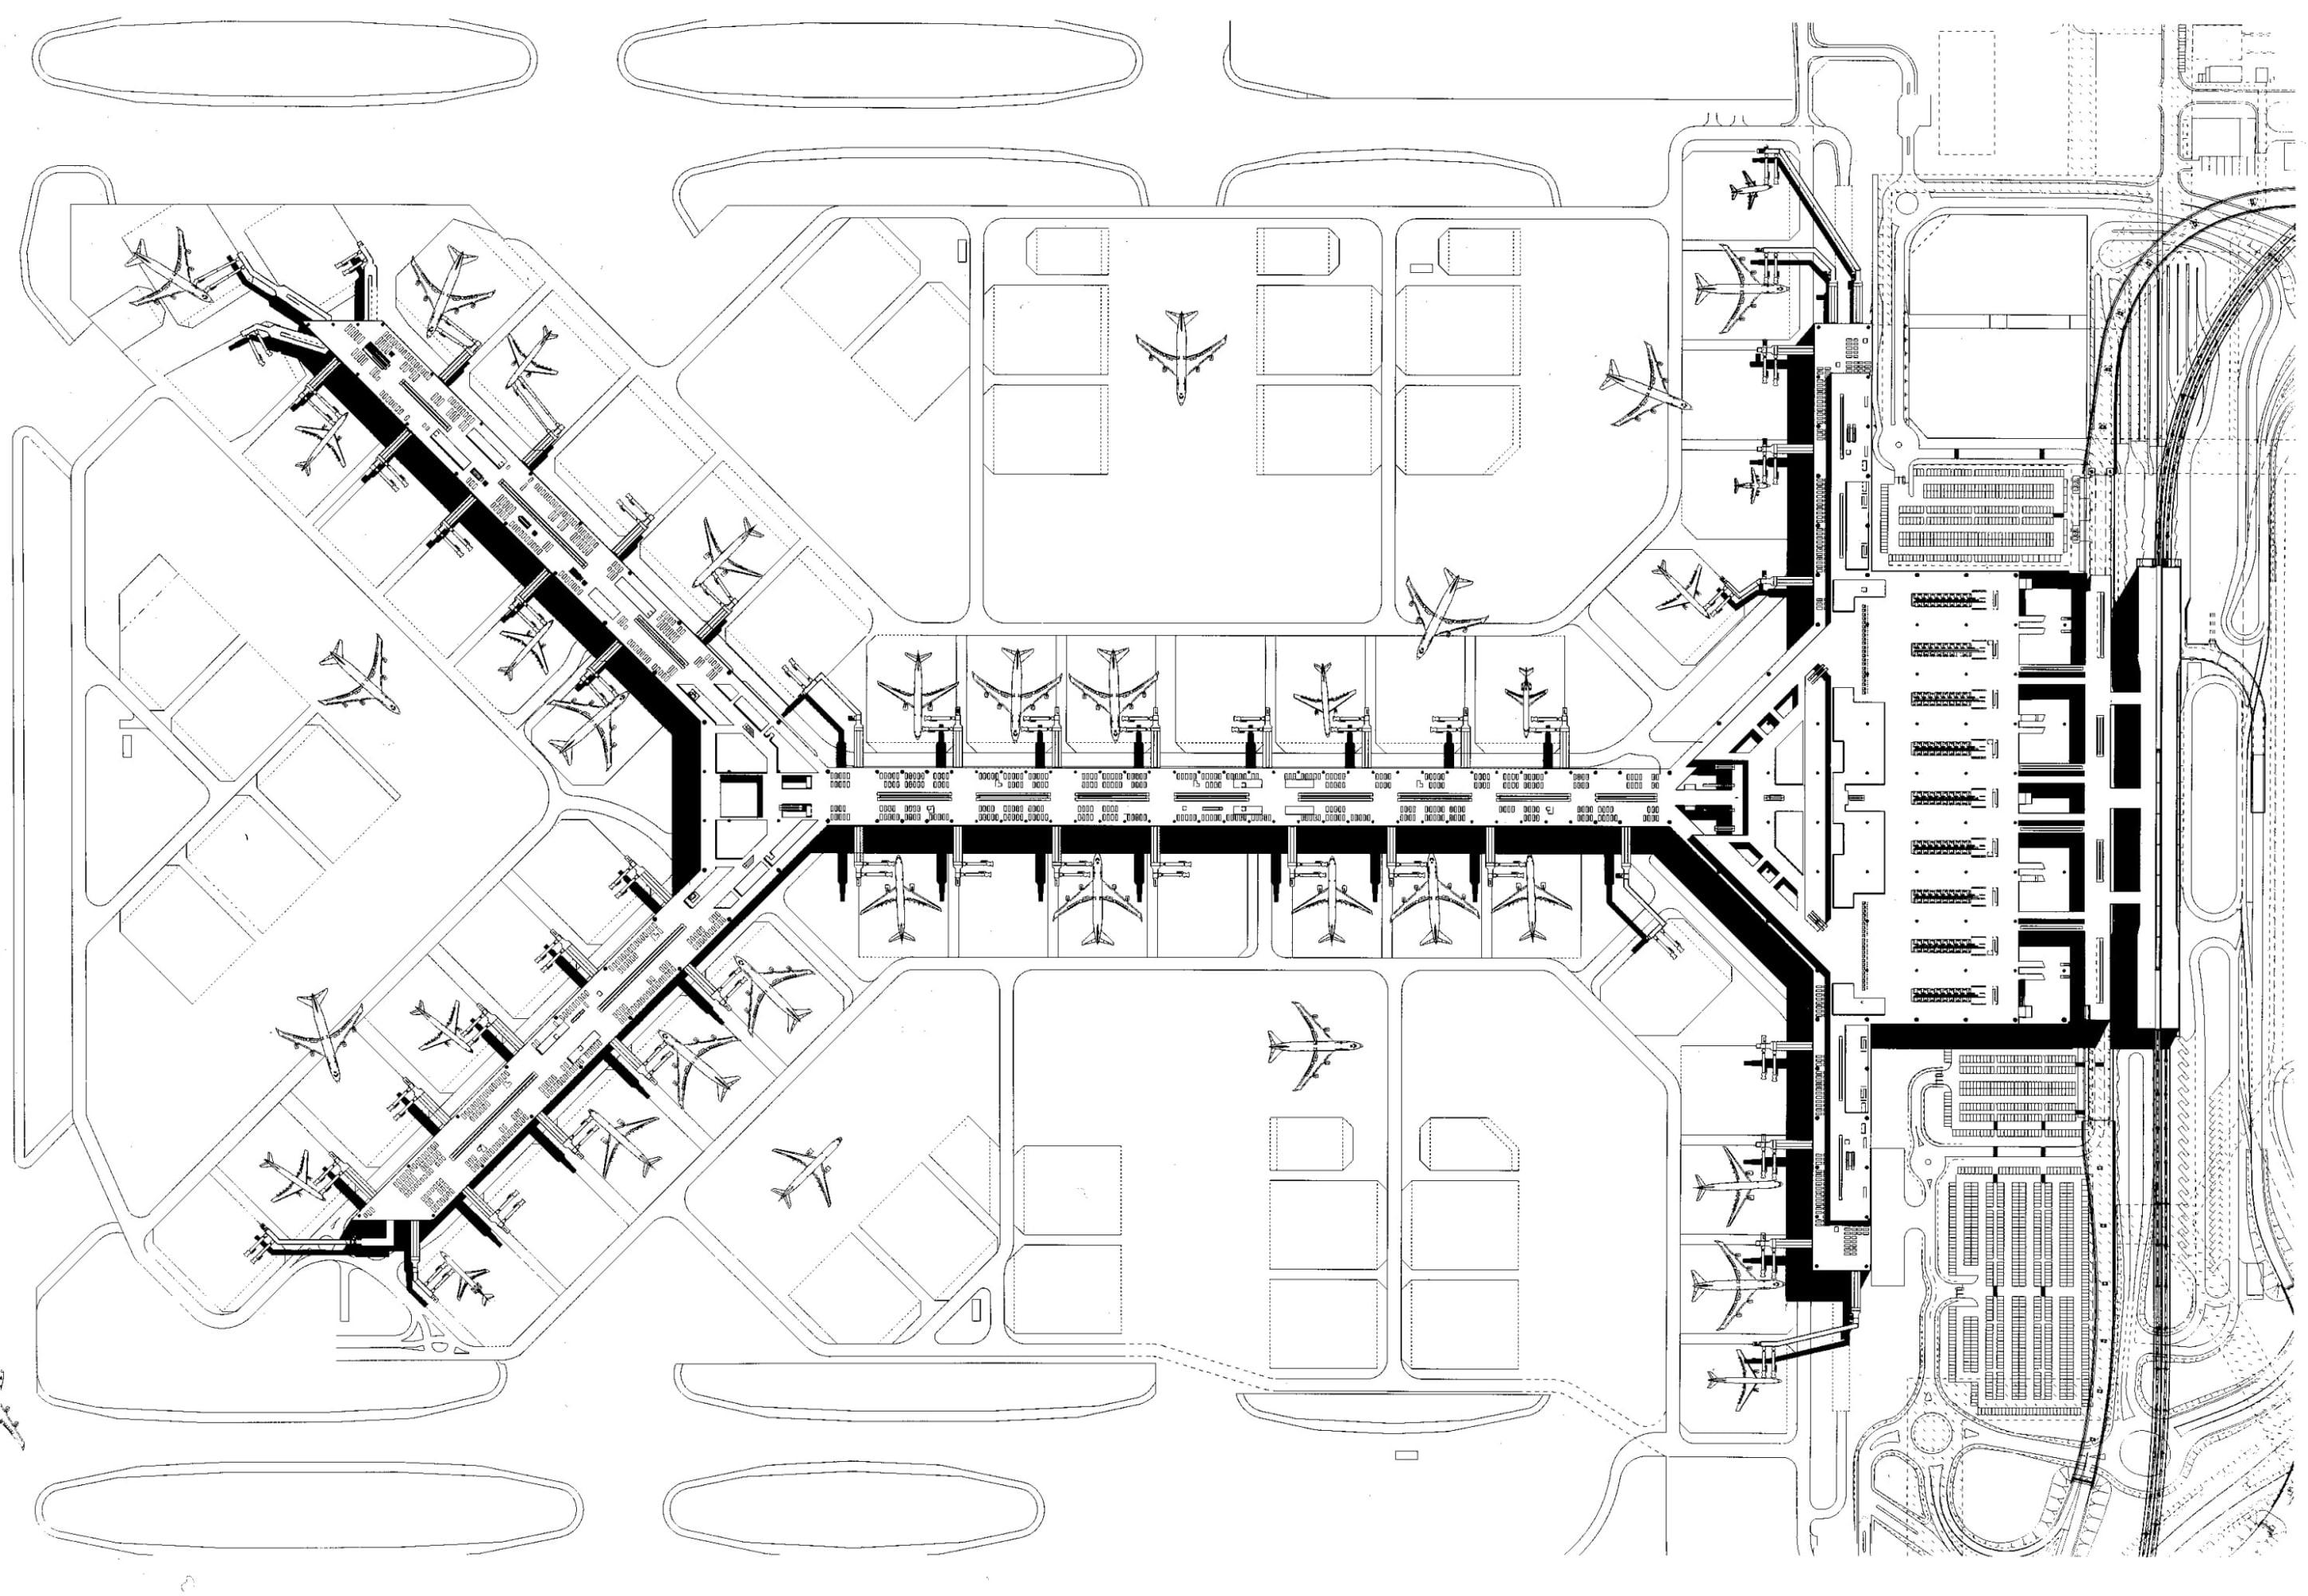 2892x2000 Foster + Partners, Sair Europe, Dennis Gilbert Chek Lap Kok